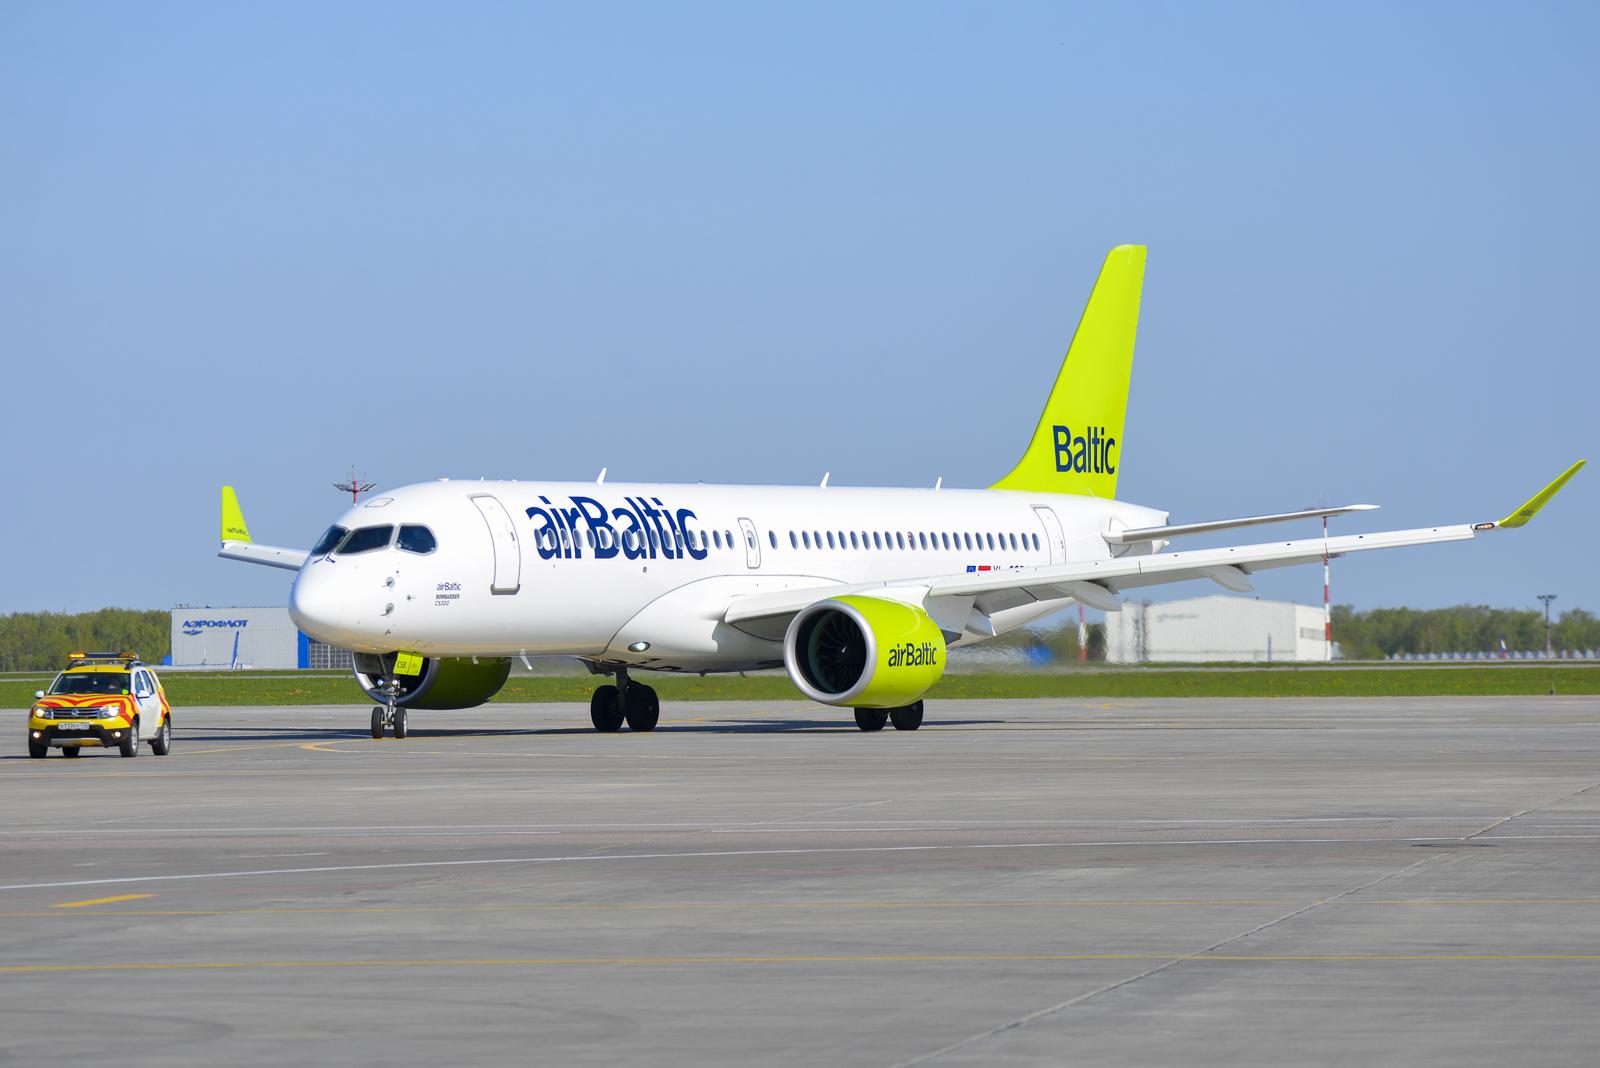 131 - Аэропорт Иокеа (Iokea) коды IATA: IOK ICAO:  город: Иокеа (Iokea) страна: Папуа - Новая Гвинея (Papua New Guinea)